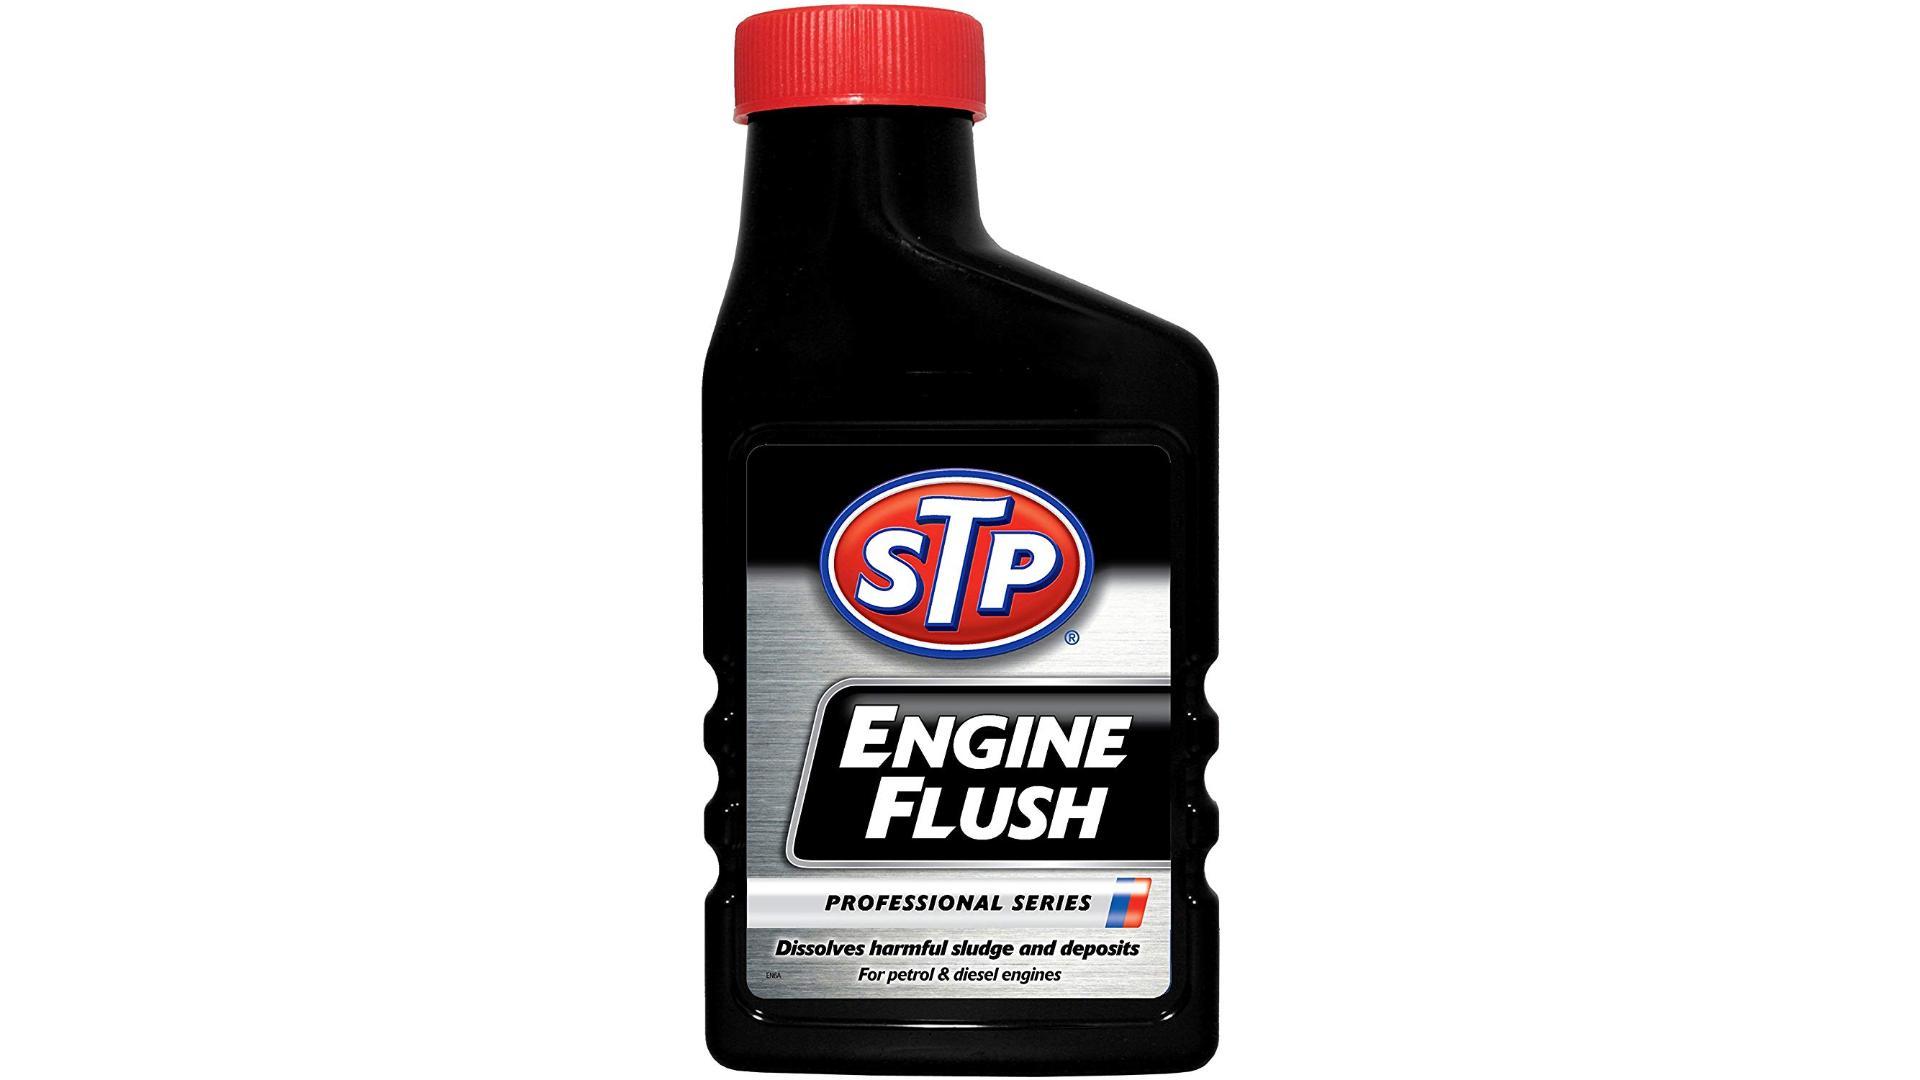 STP Prípravok na prečistenie motora 450ml